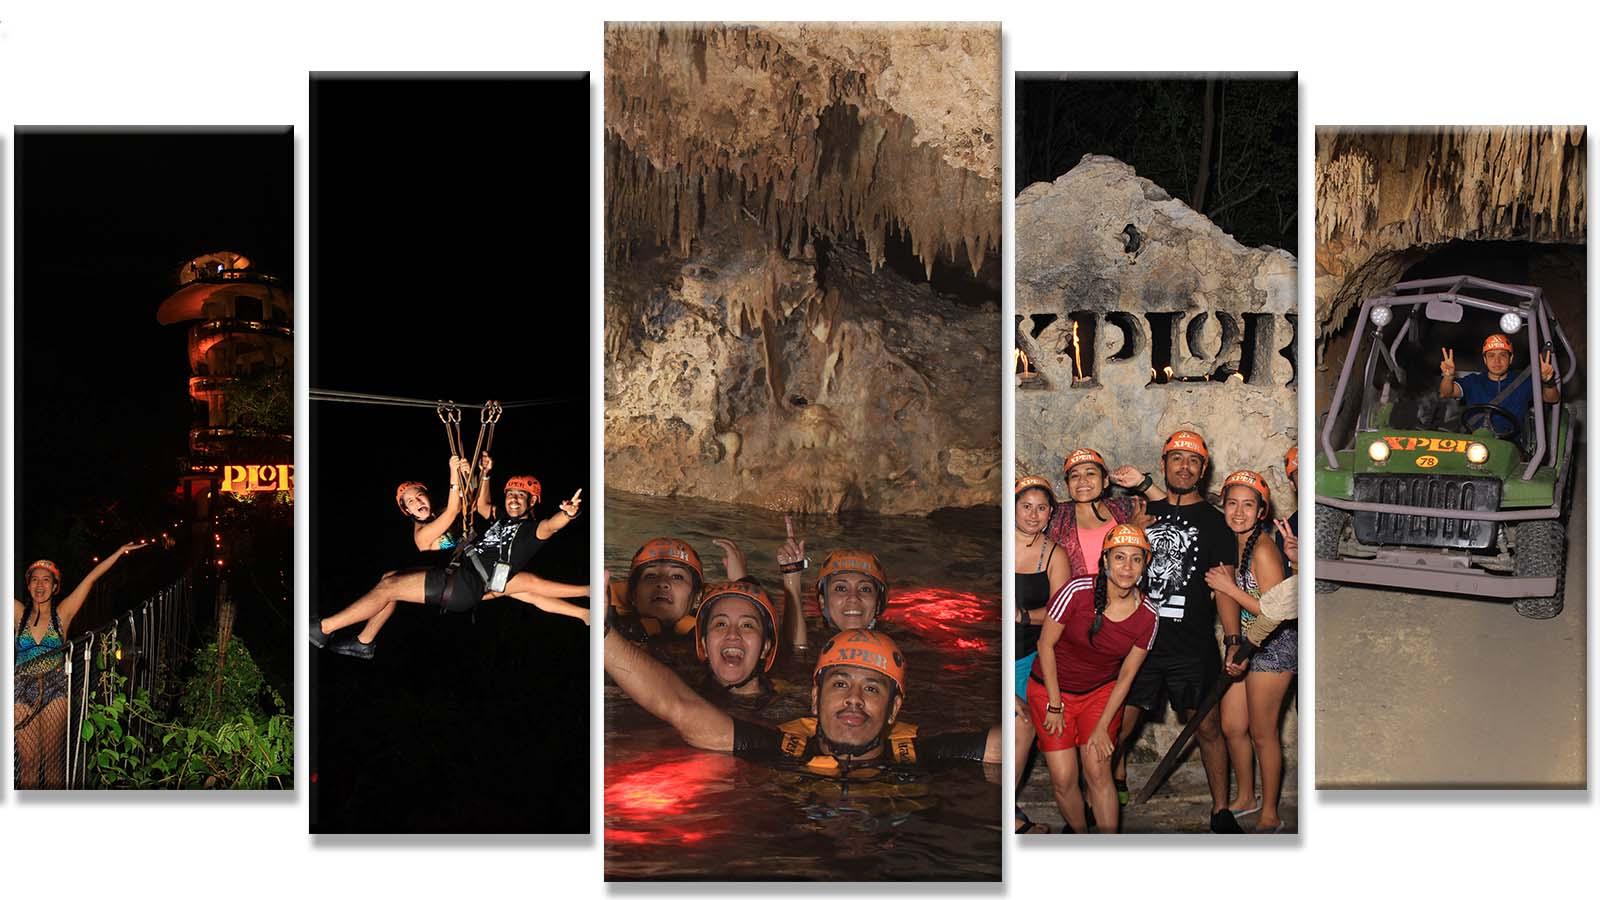 Tour Xplor Fuego desde Playa del Carmen